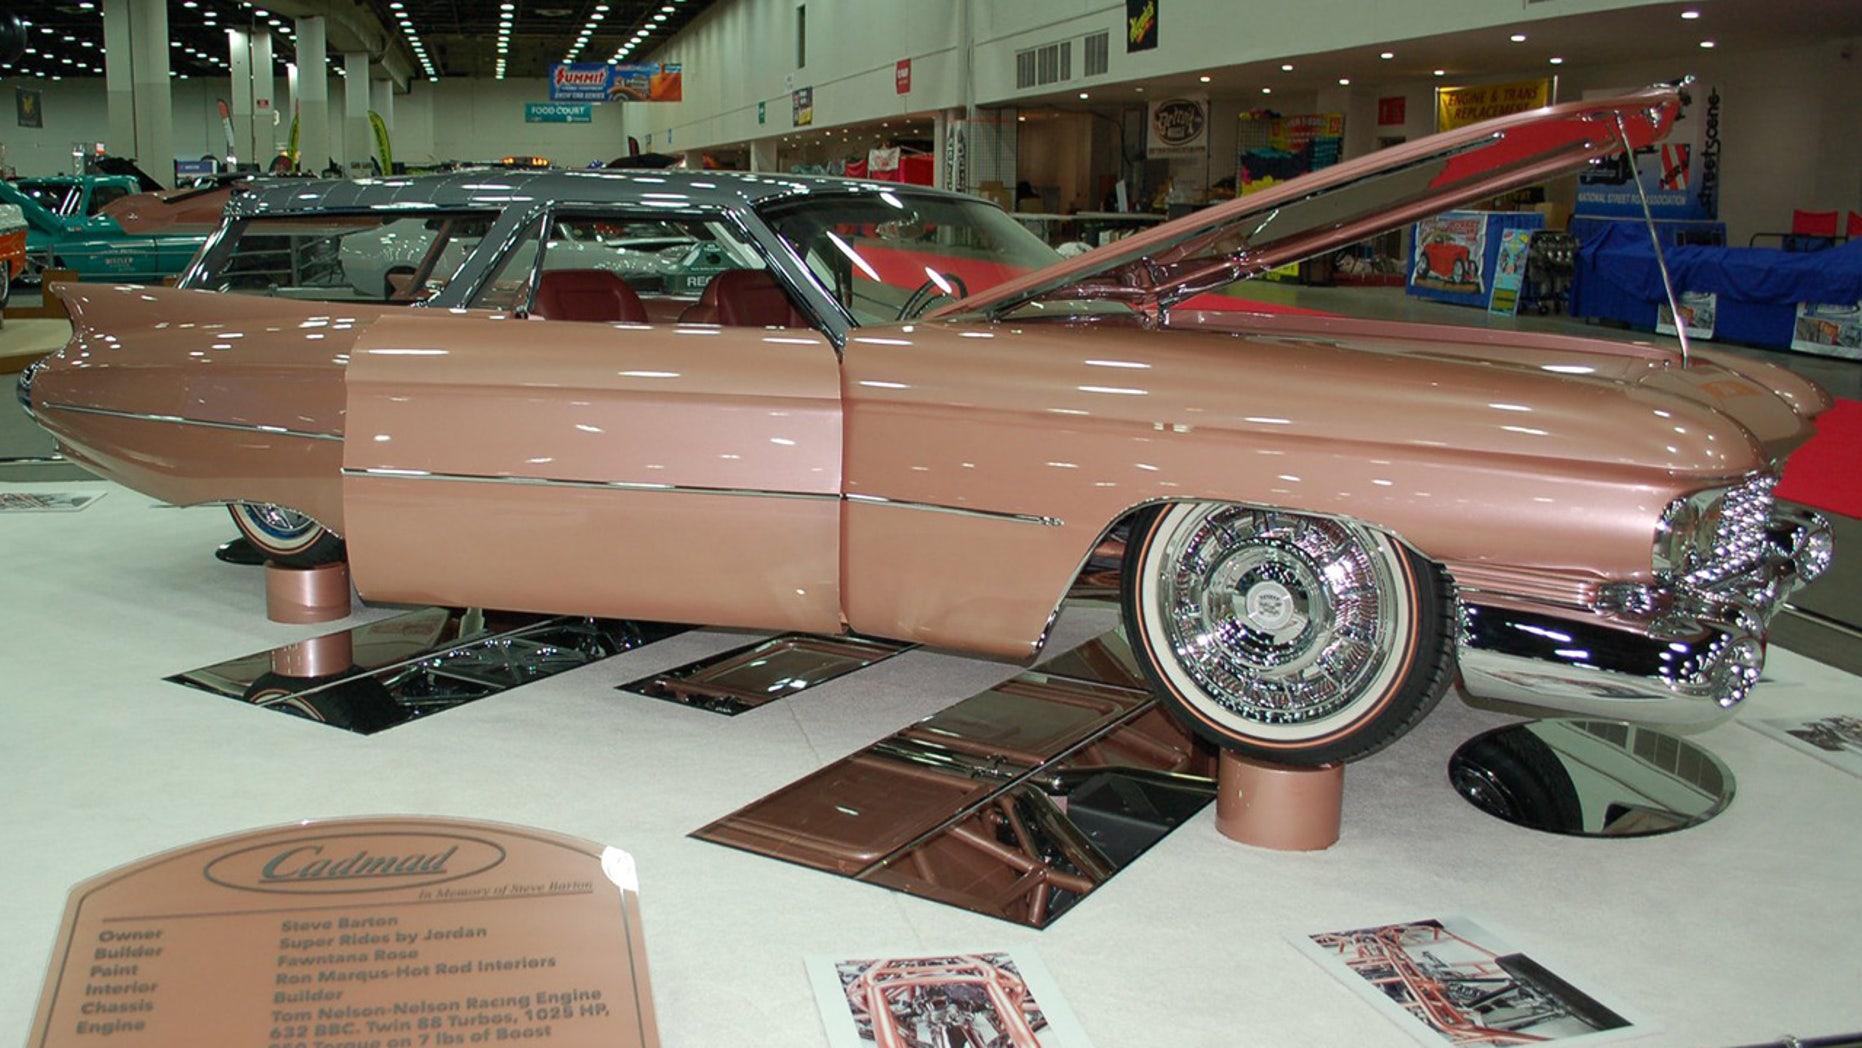 1959 Cadillac CadMad